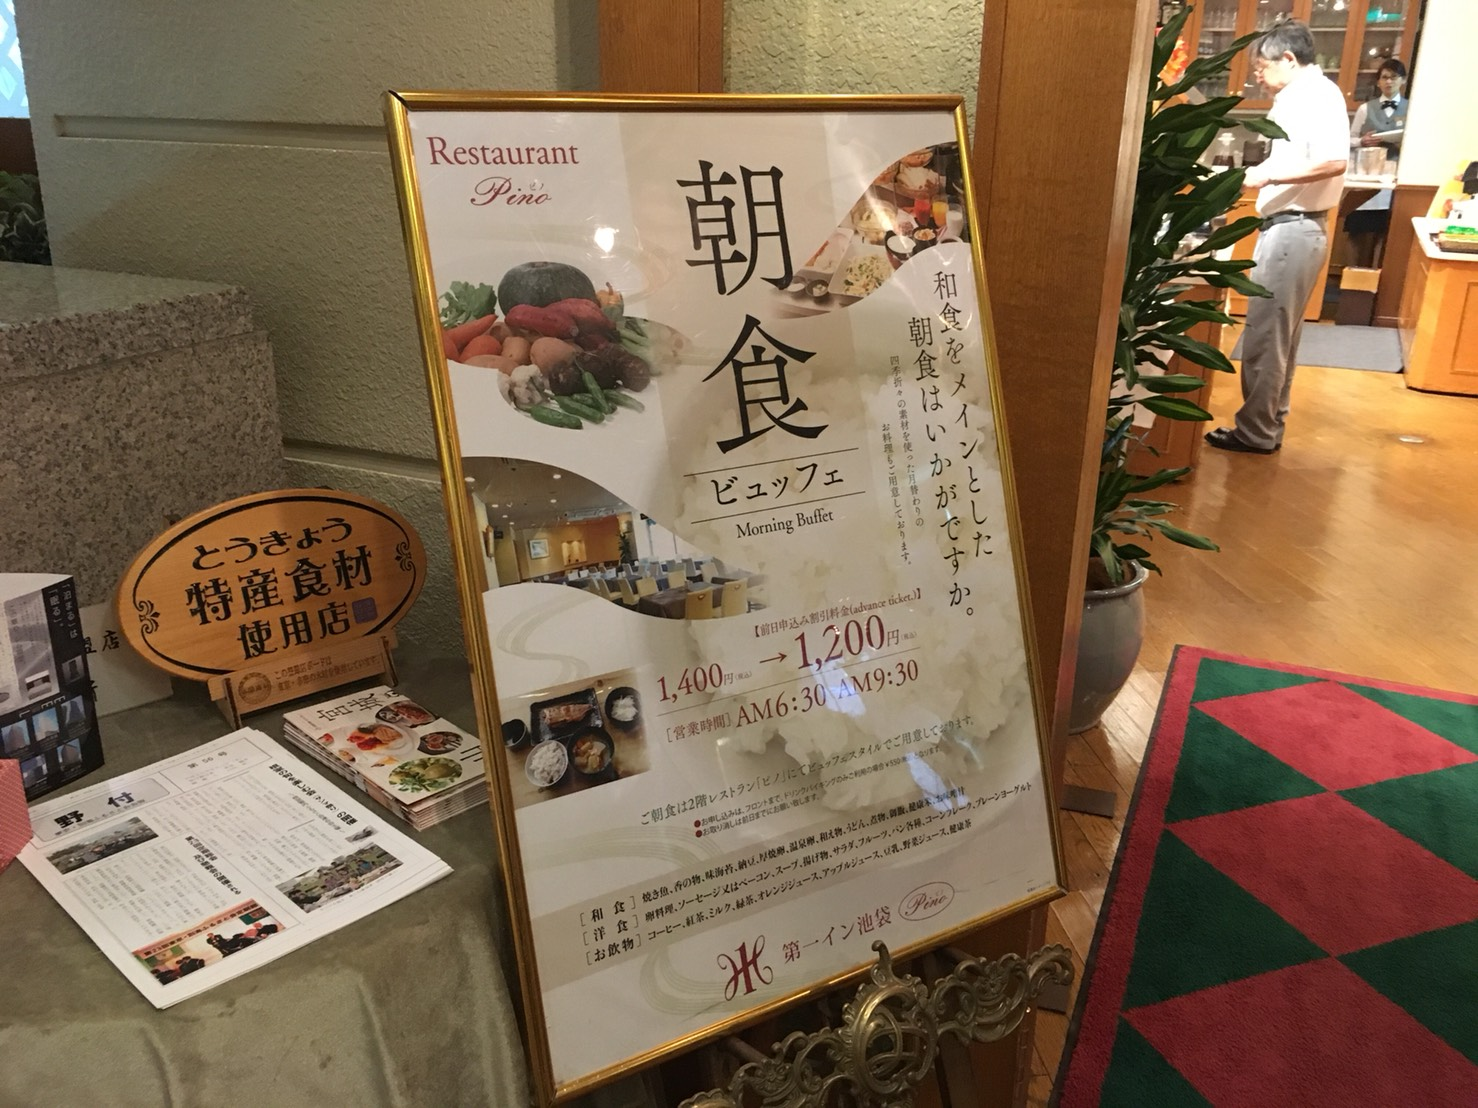 【池袋駅】モーニングビュッフェも最強だったレストラン「ピノ」の朝食の看板